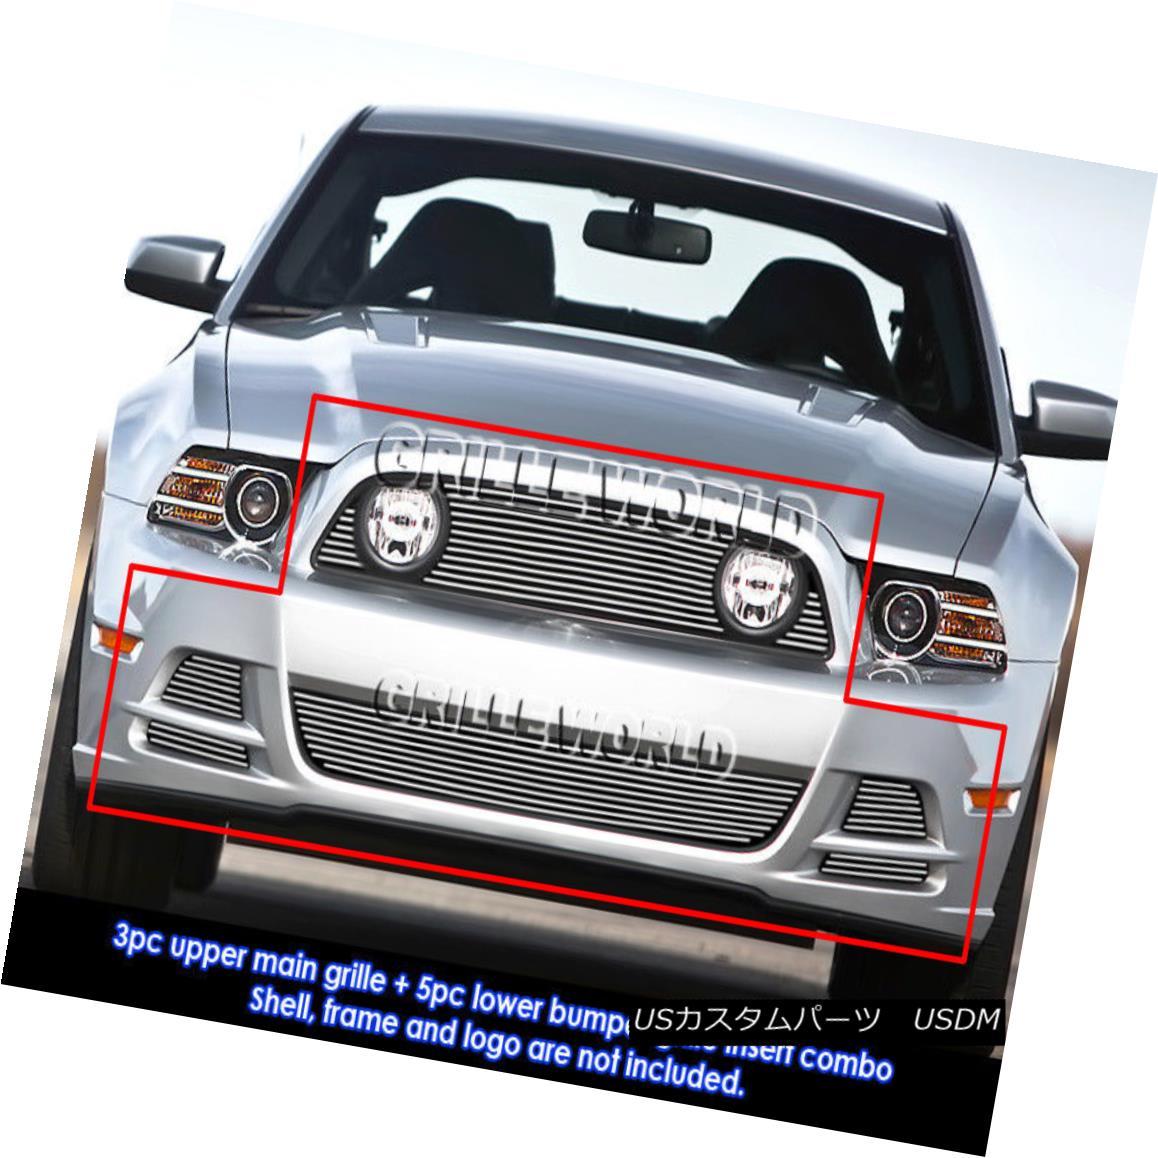 グリル For 2013-2014 Ford Mustang GT Up & Lower & Fog Light Cover Billet Grill Combo 2013?2014年のフォードマスタングGTアップ& 下& フォグライトカバービレットグリルコンボ